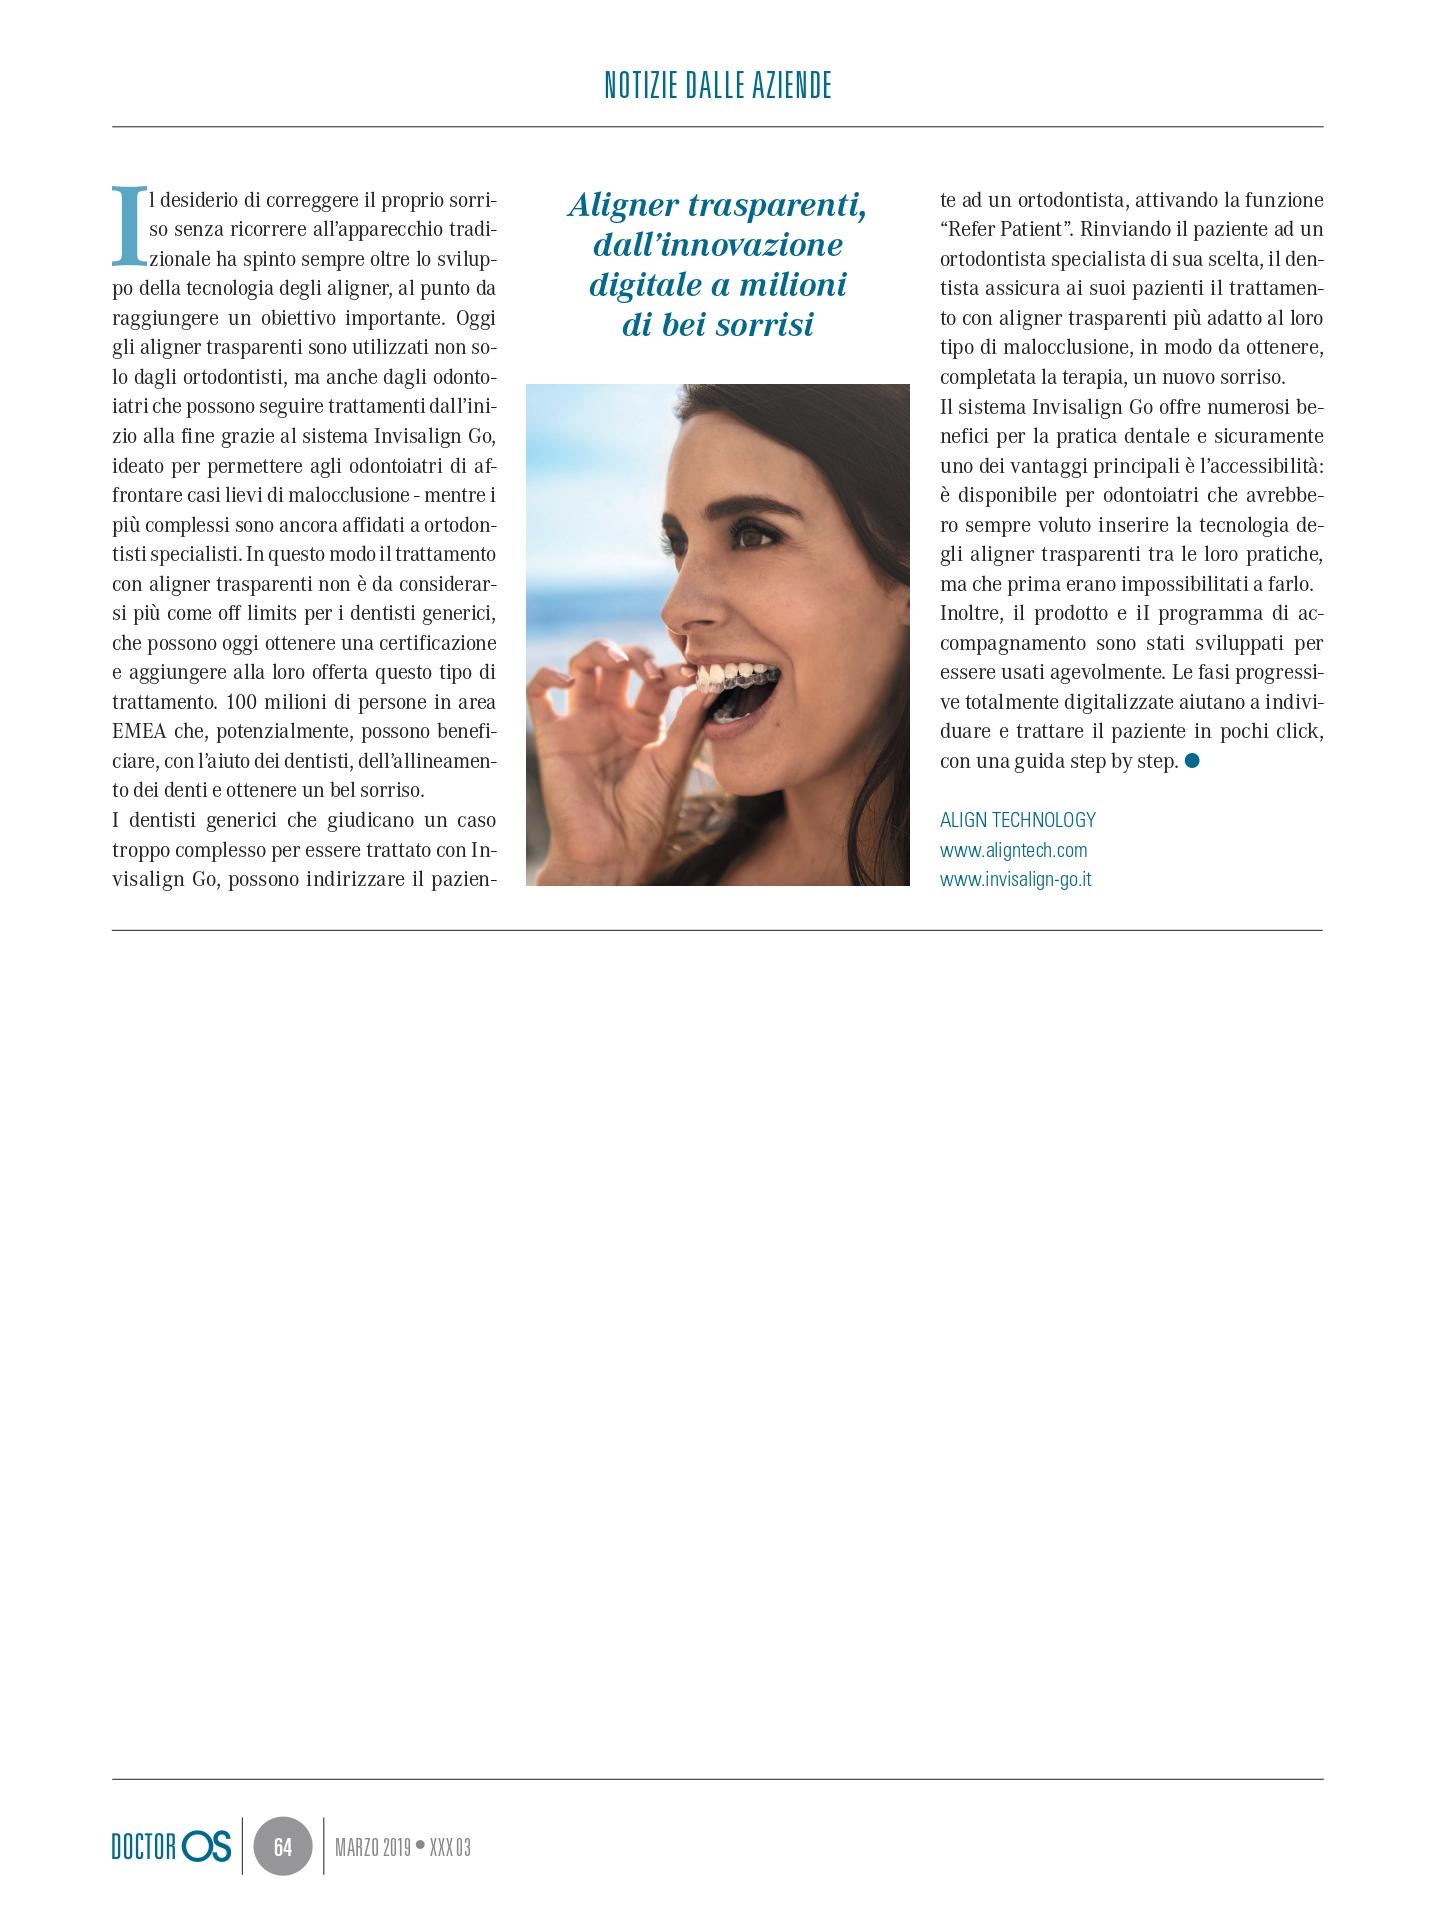 notizie_align_2019_03 (corretto)_page-00